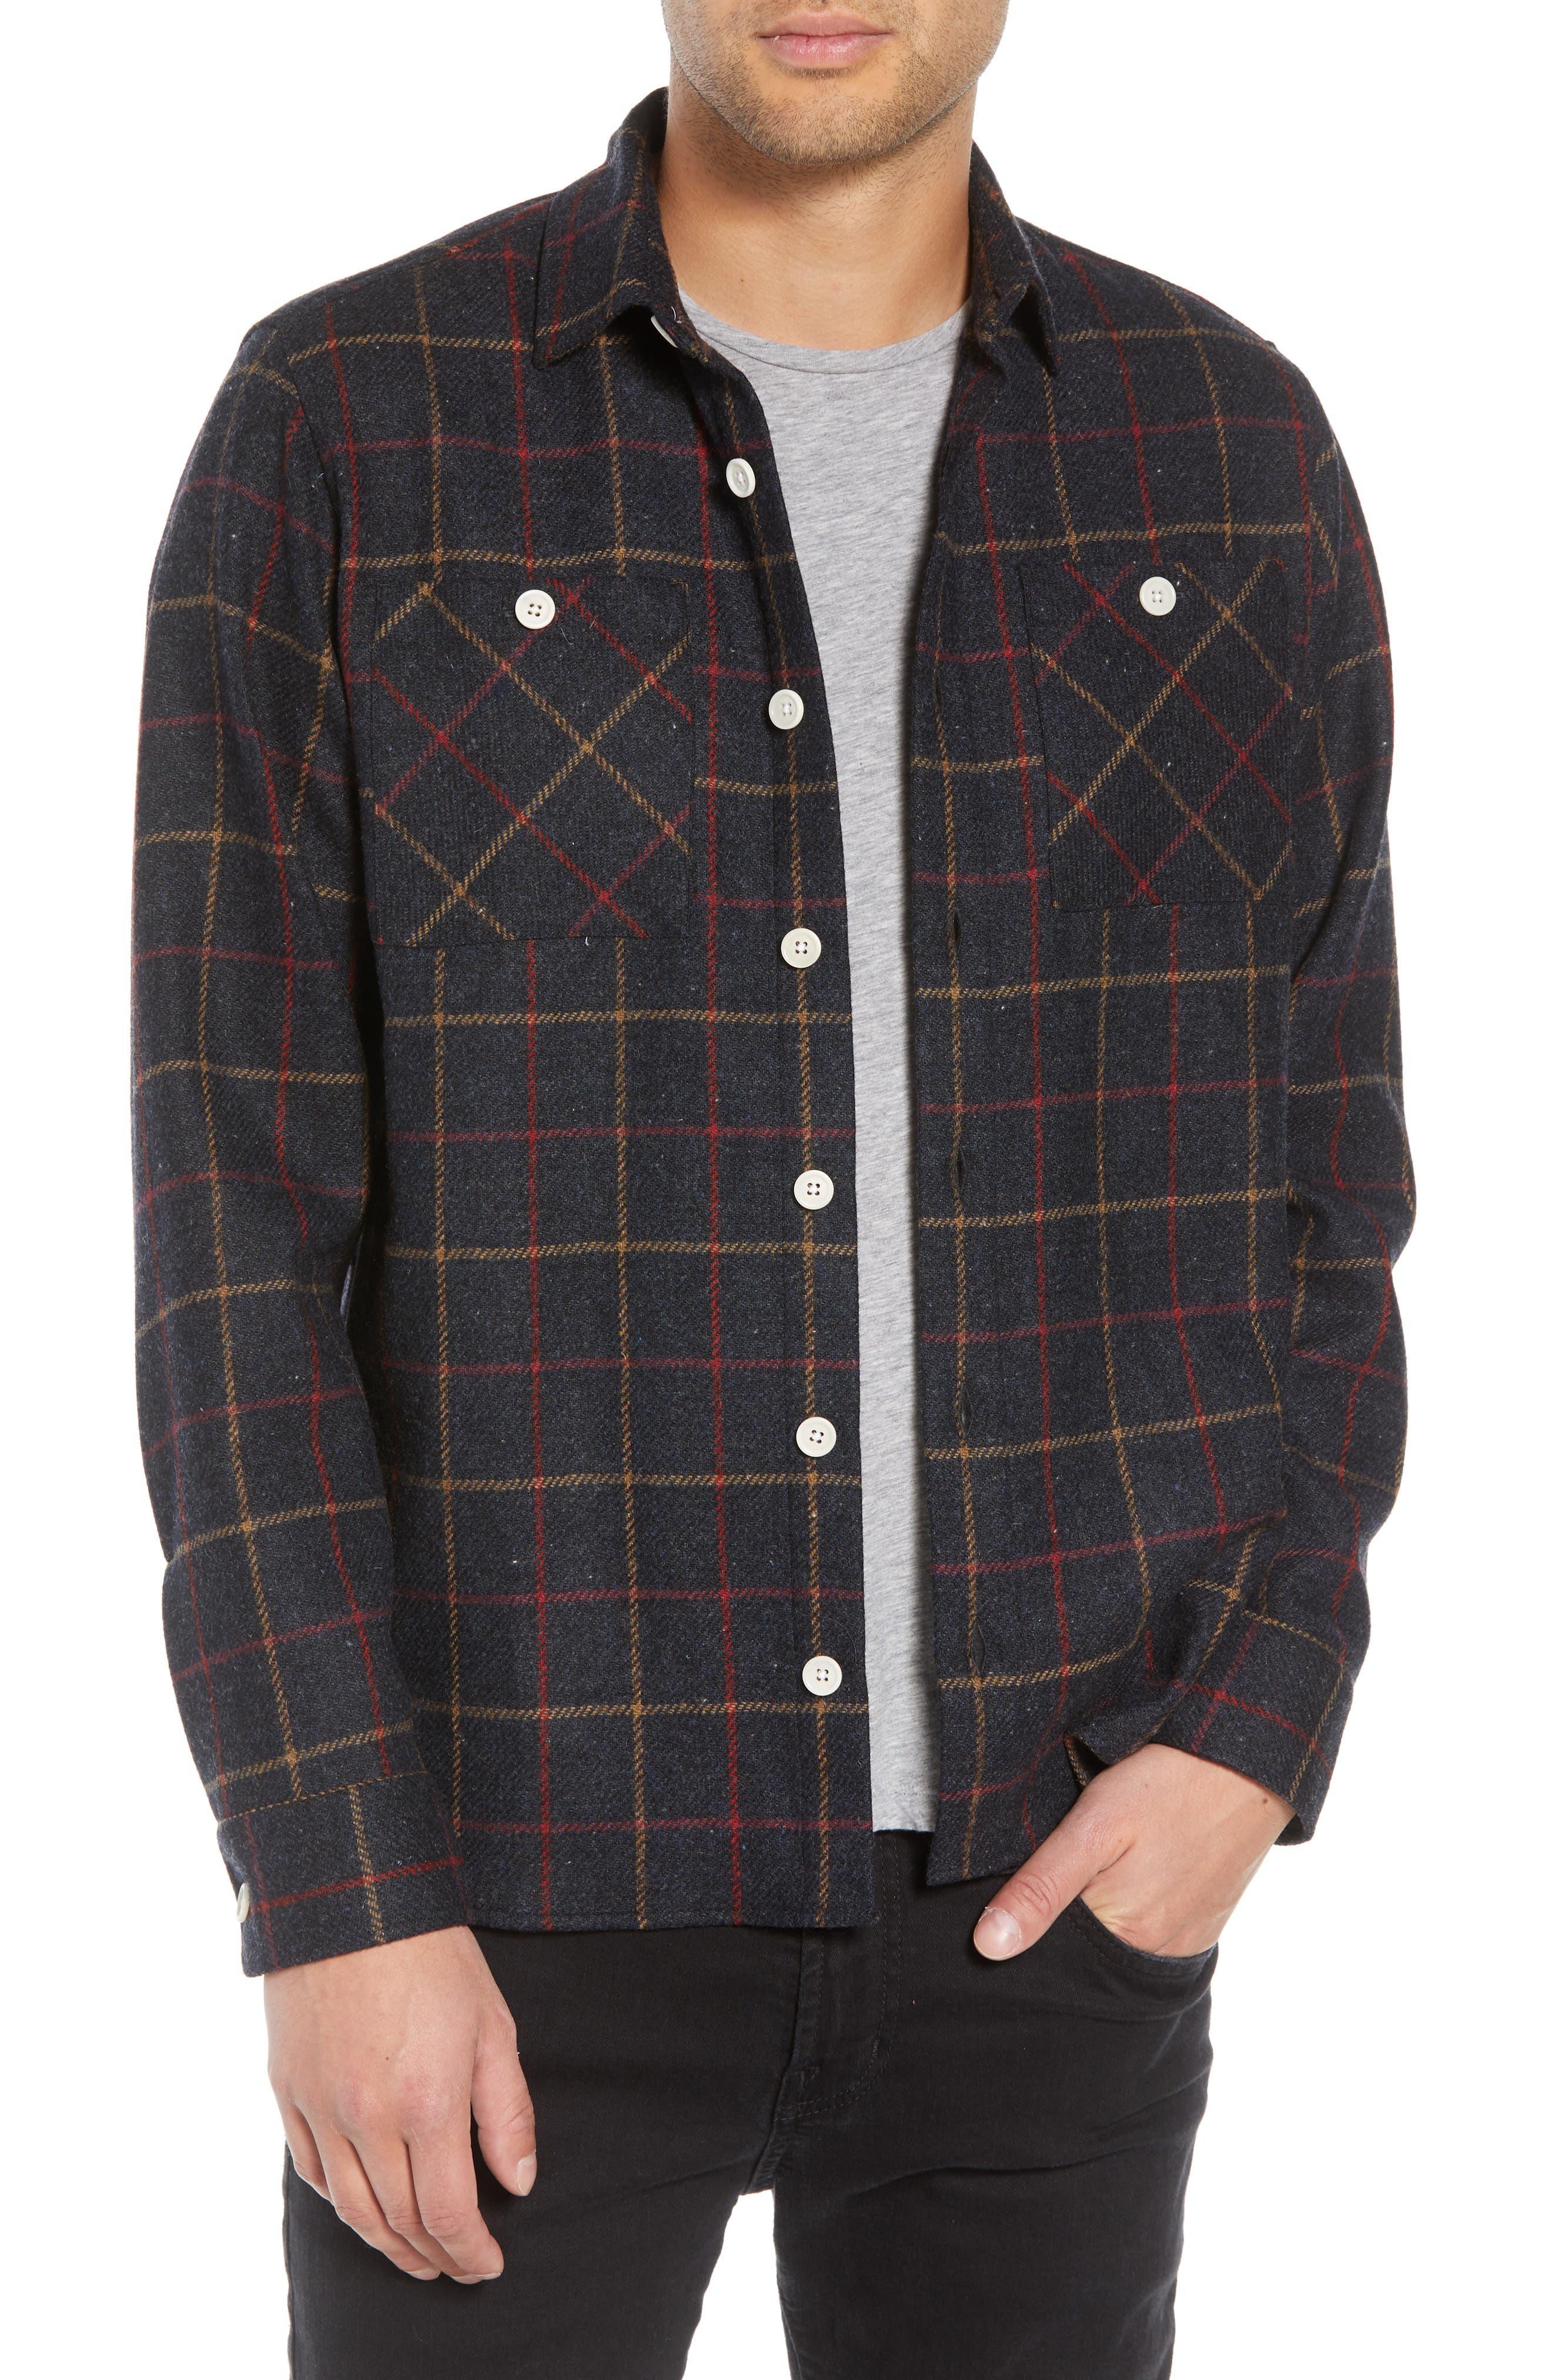 Whiting Tattersall Wool Shirt Jacket,                             Main thumbnail 1, color,                             BLACK WOOL CHECK